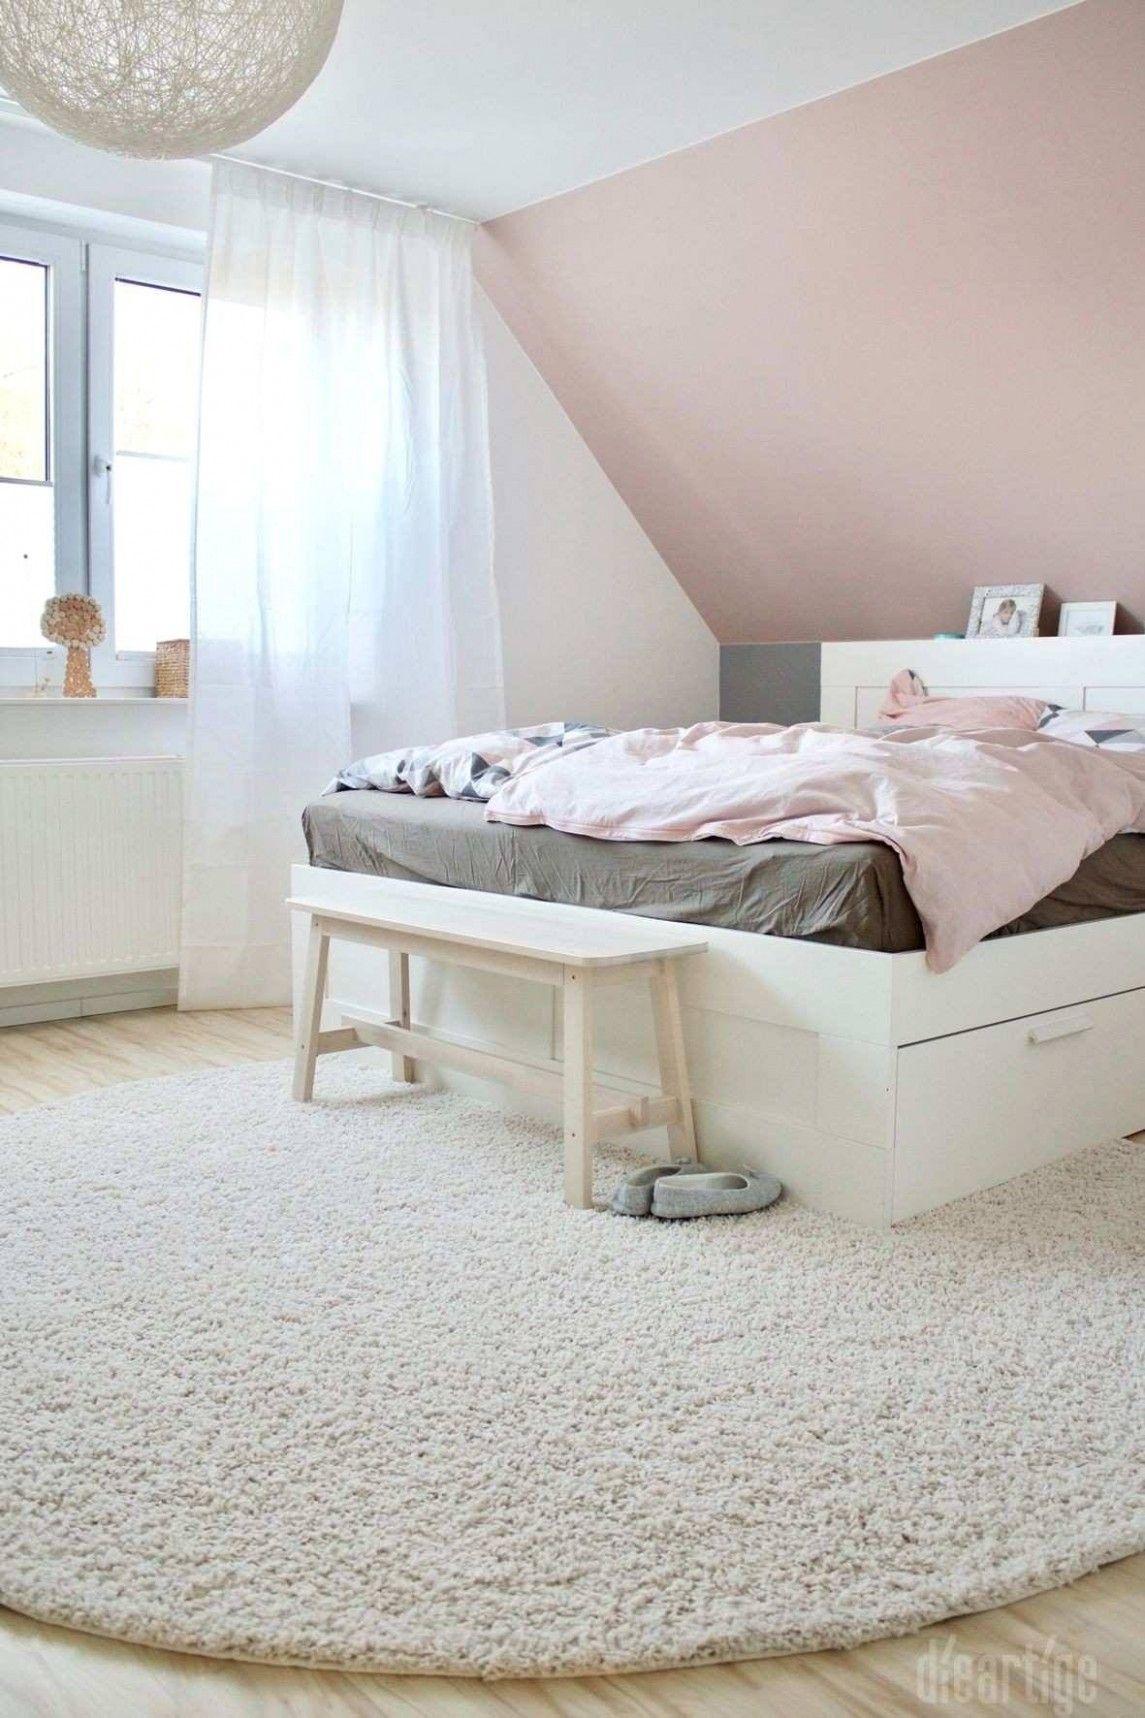 Schlafzimmer Mit Dachschräge Neu Gestalten Check more at